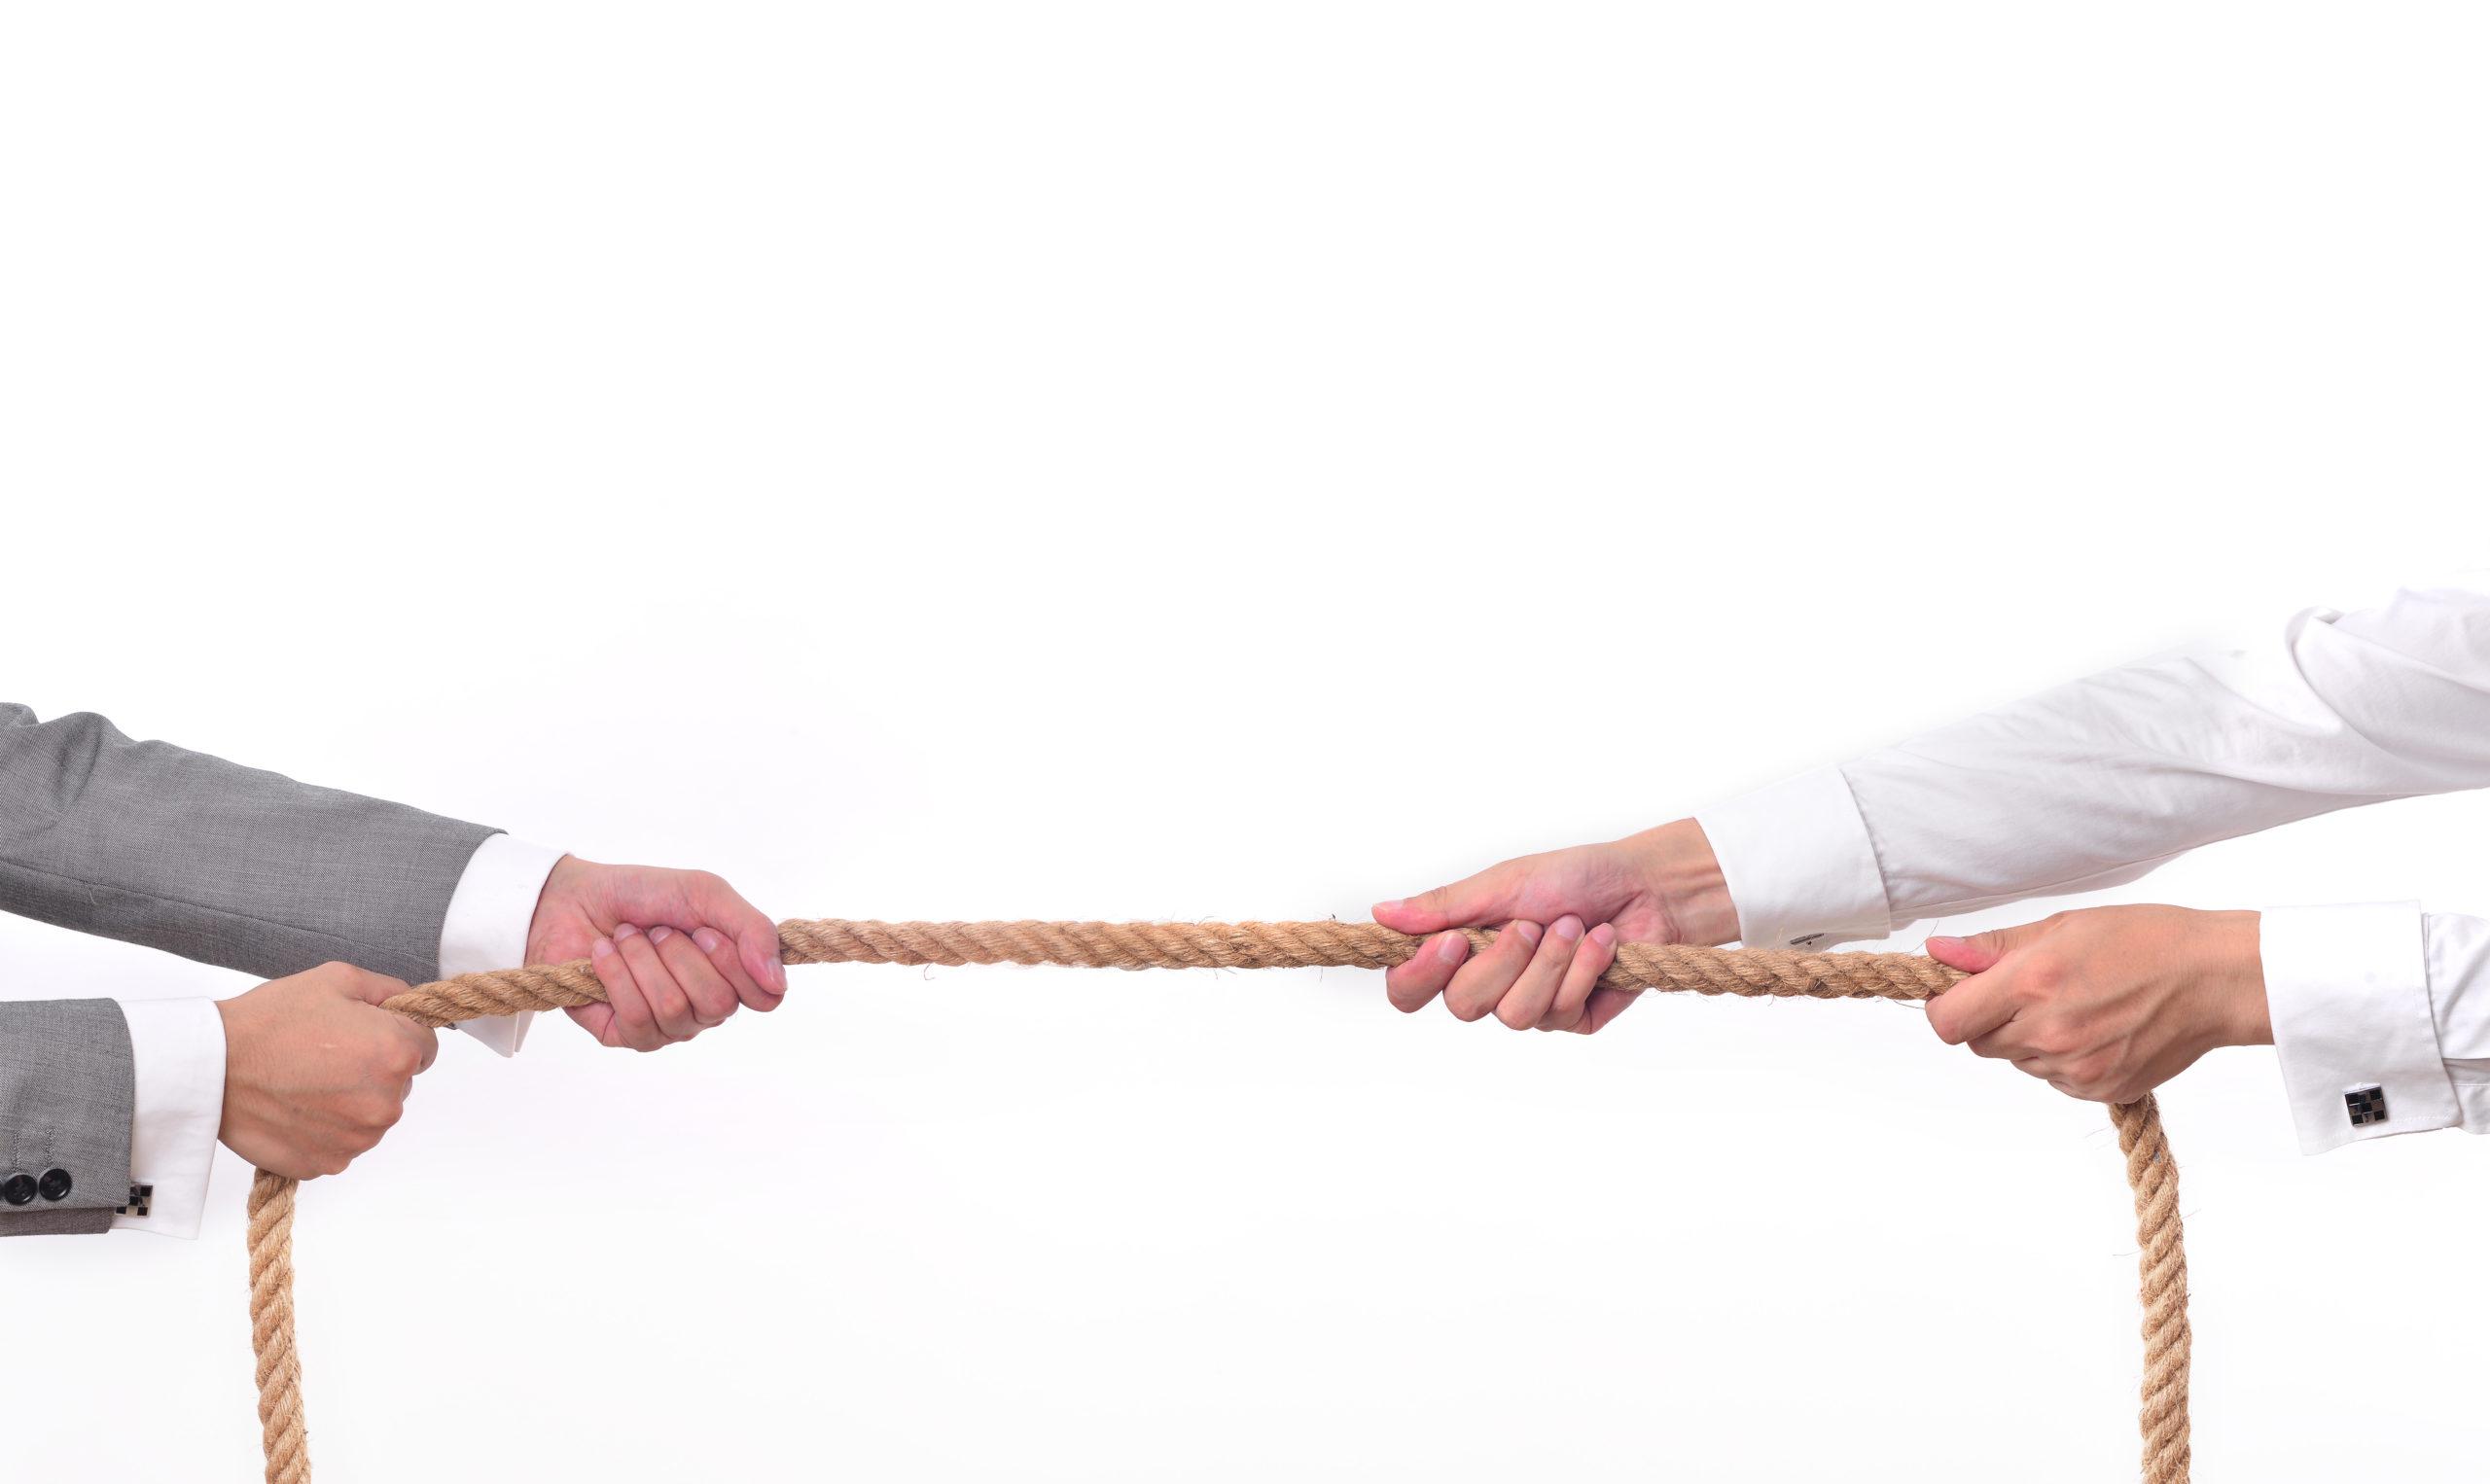 muutused, vastuseis, muutuste juhtimine, personalijuhtimine